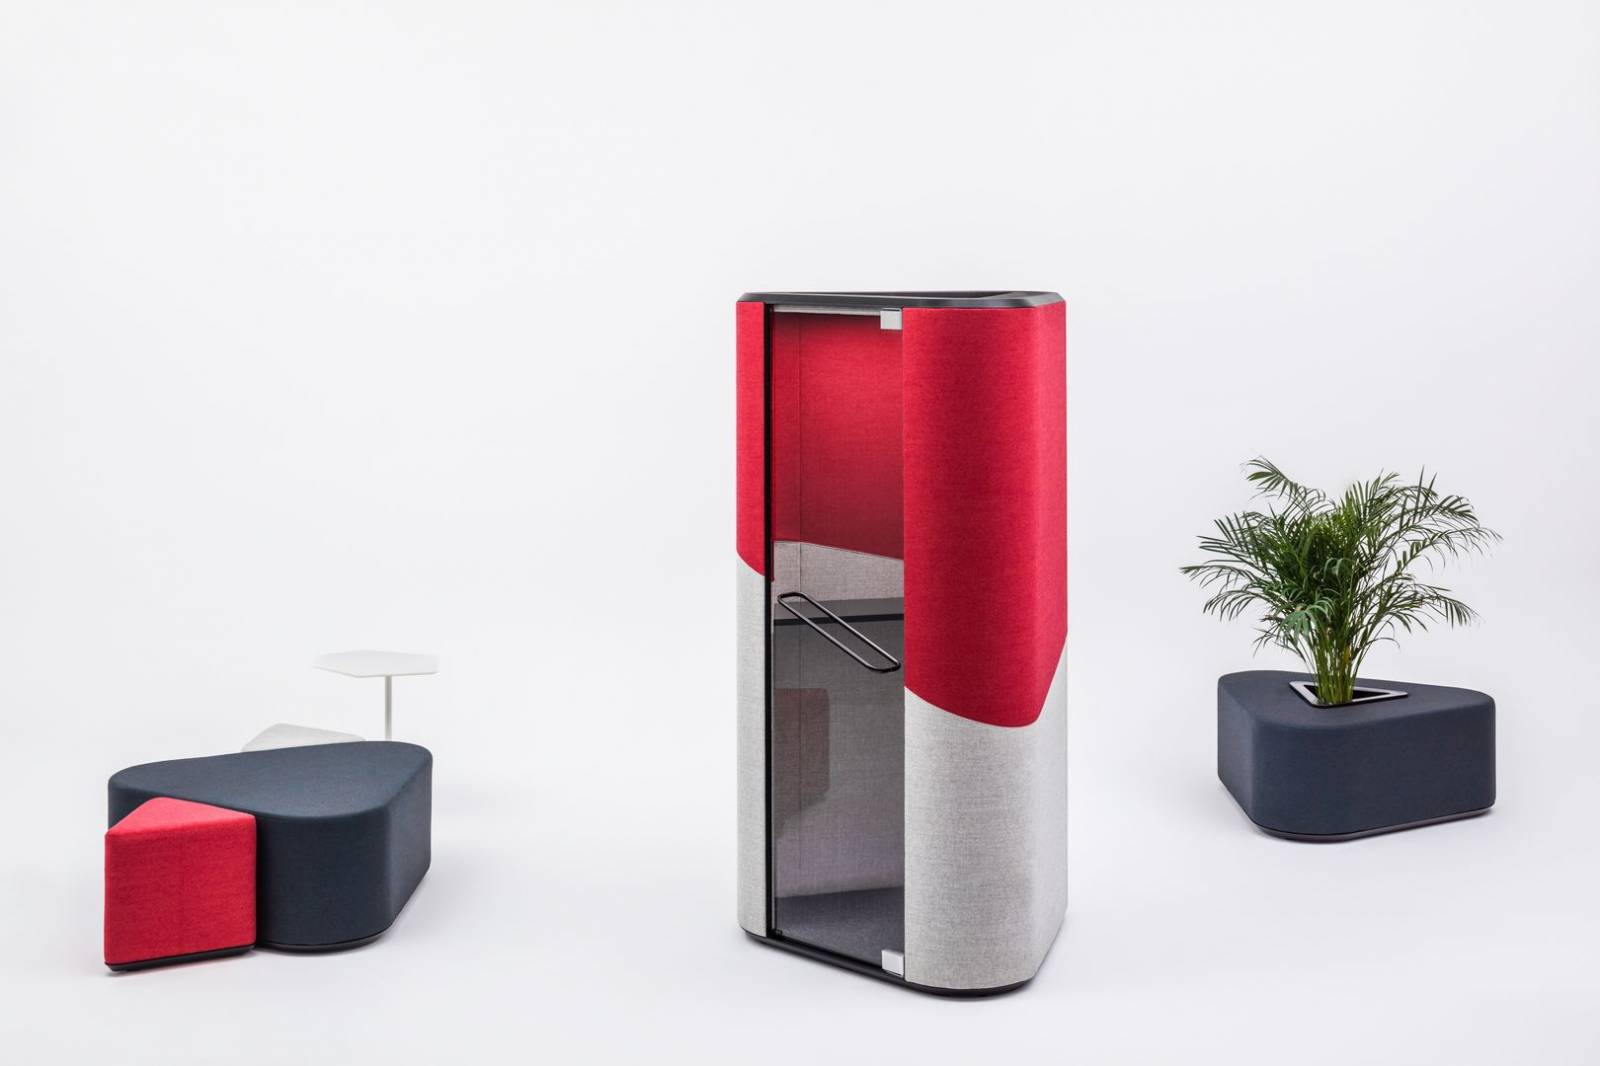 Ensemble des produits de le gamme HANA pour améliorer l'acoustIque dans vos espaces de travail sur Marseille